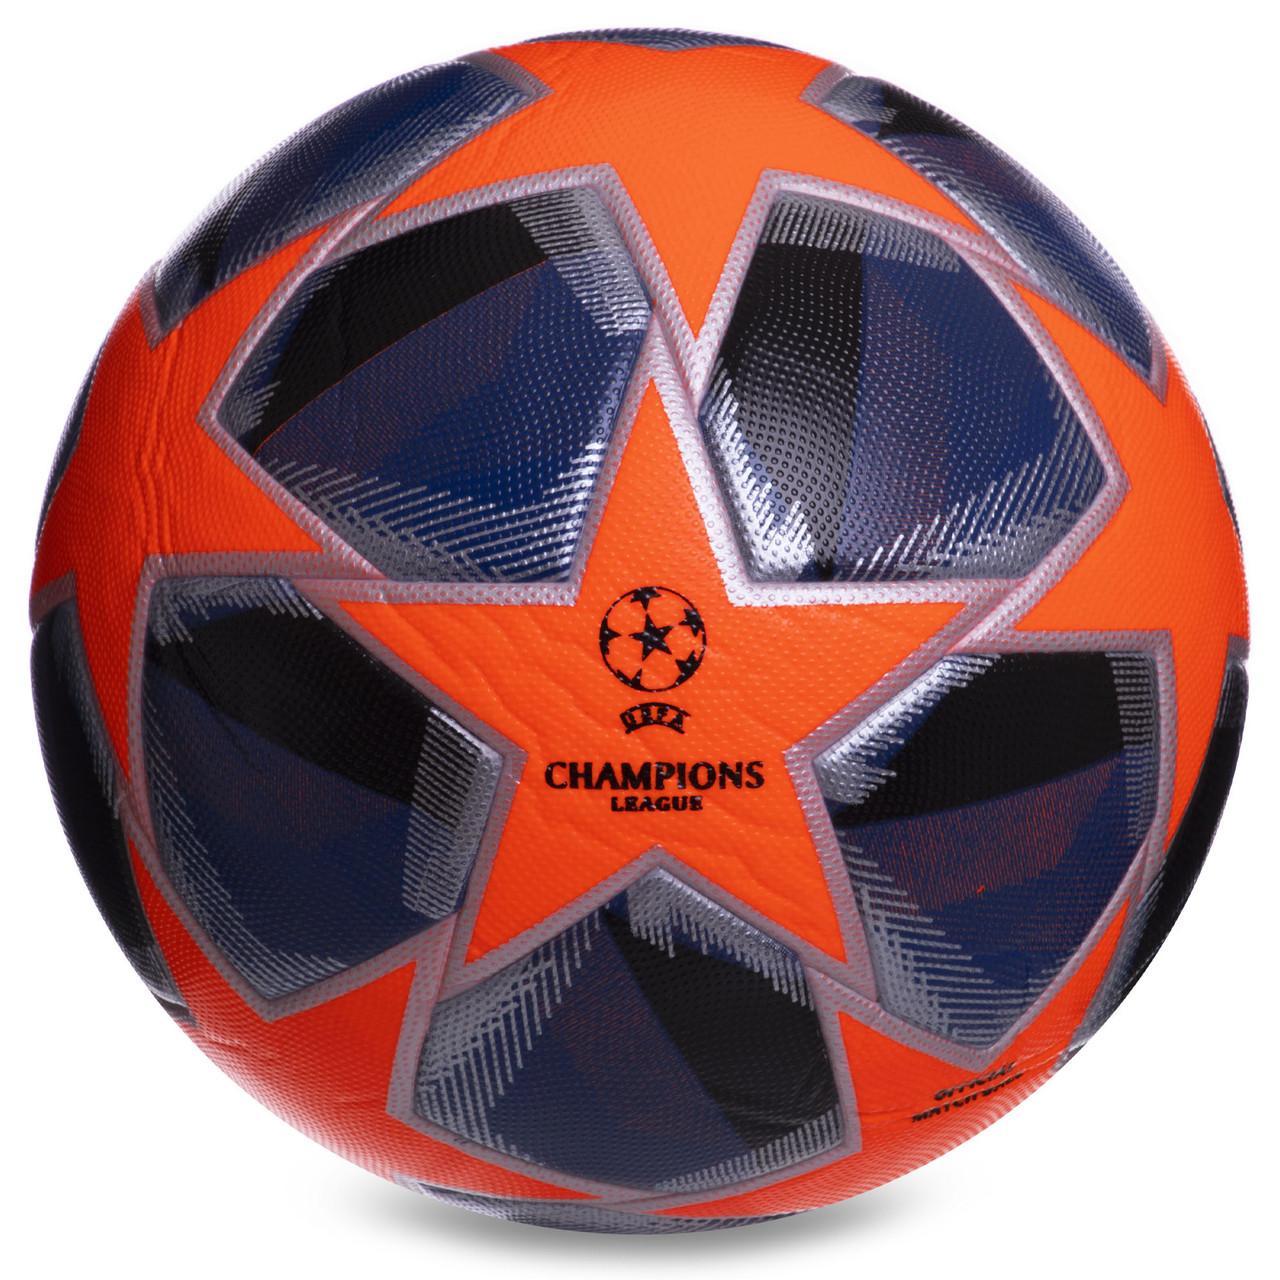 Мяч футбольный CHAMPIONS LEAGUE FB-2380 №5 PVC клееный оранжевый